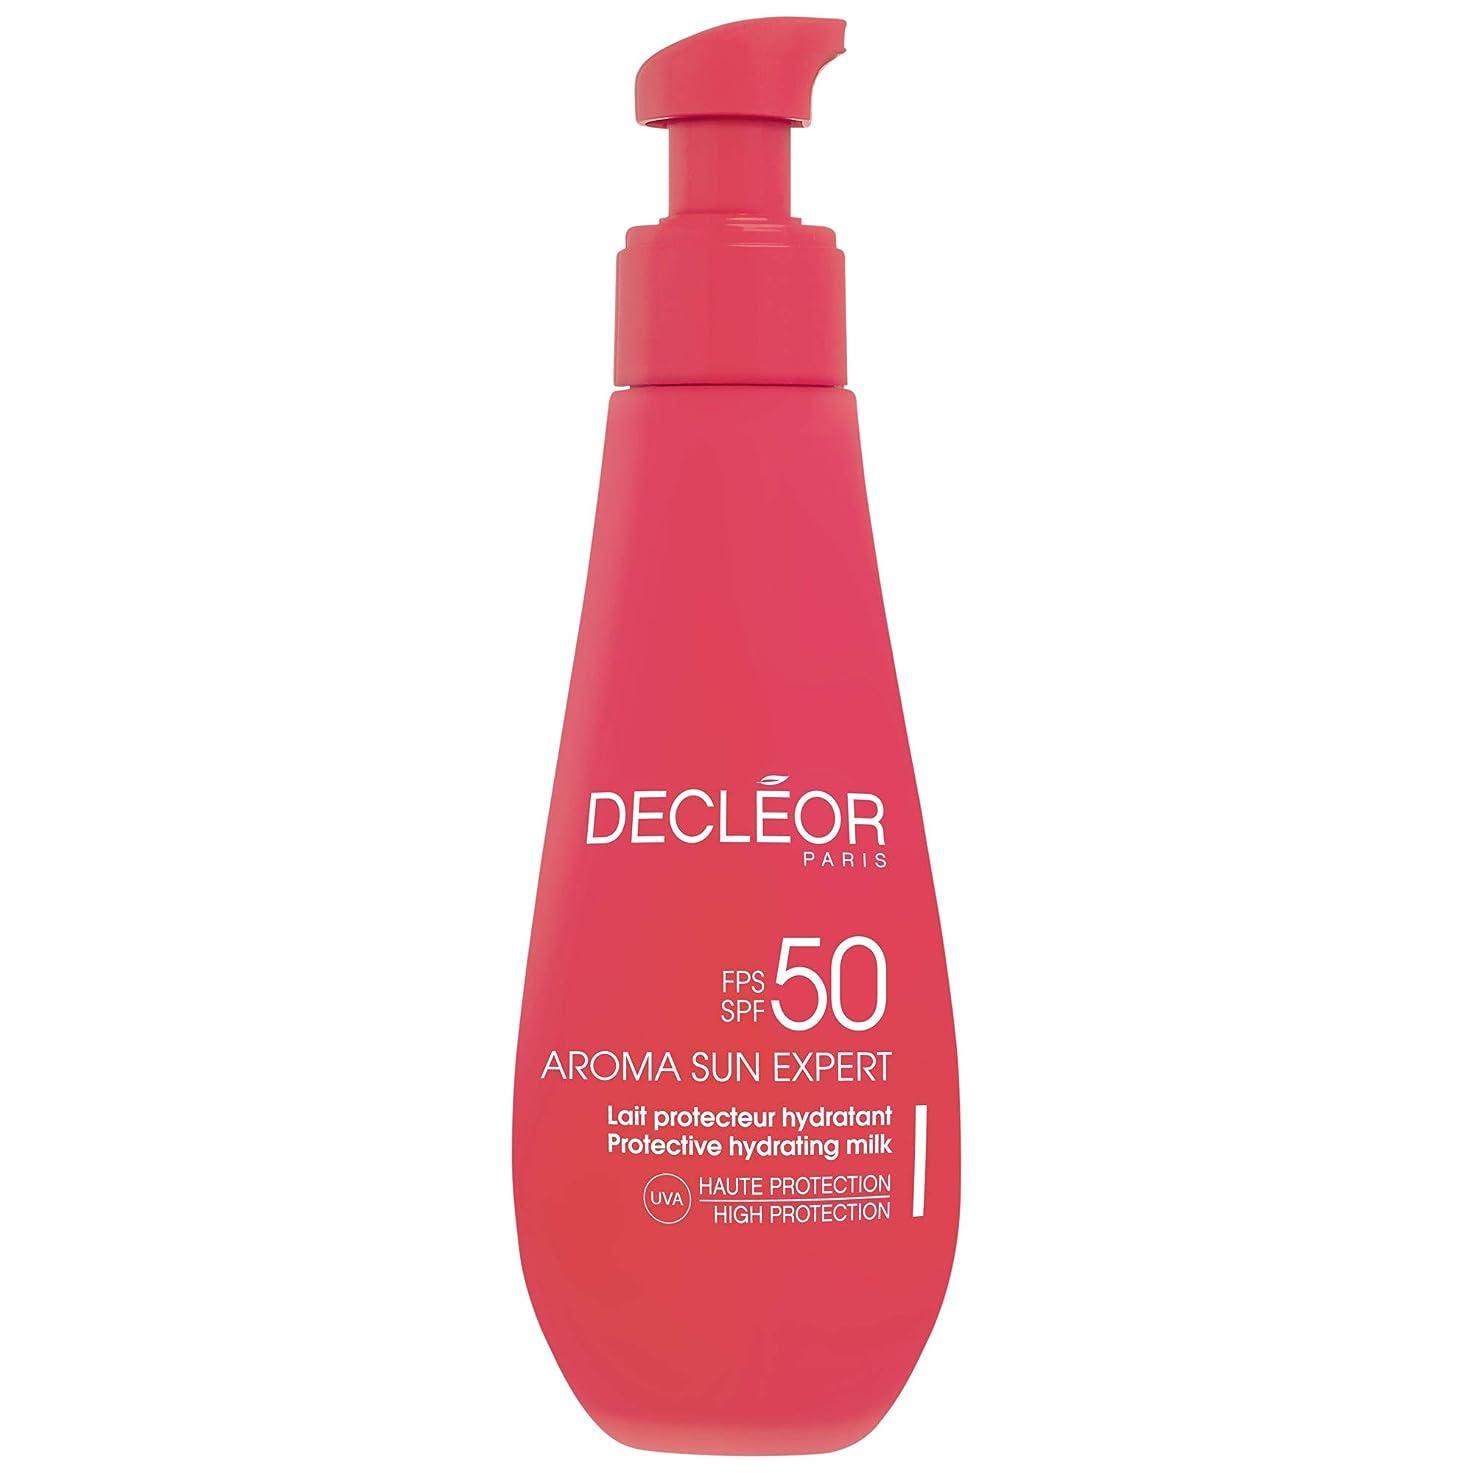 フェロー諸島晩ごはん仕出します[Decl?or ] デクレオールアロマ日の専門家で超保護抗シワクリームSpf50 - ボディローション150Ml - Decl?or Aroma Sun Expert Ultra Protective Anti-Wrinkle Cream SPF50 - Body 150ml [並行輸入品]